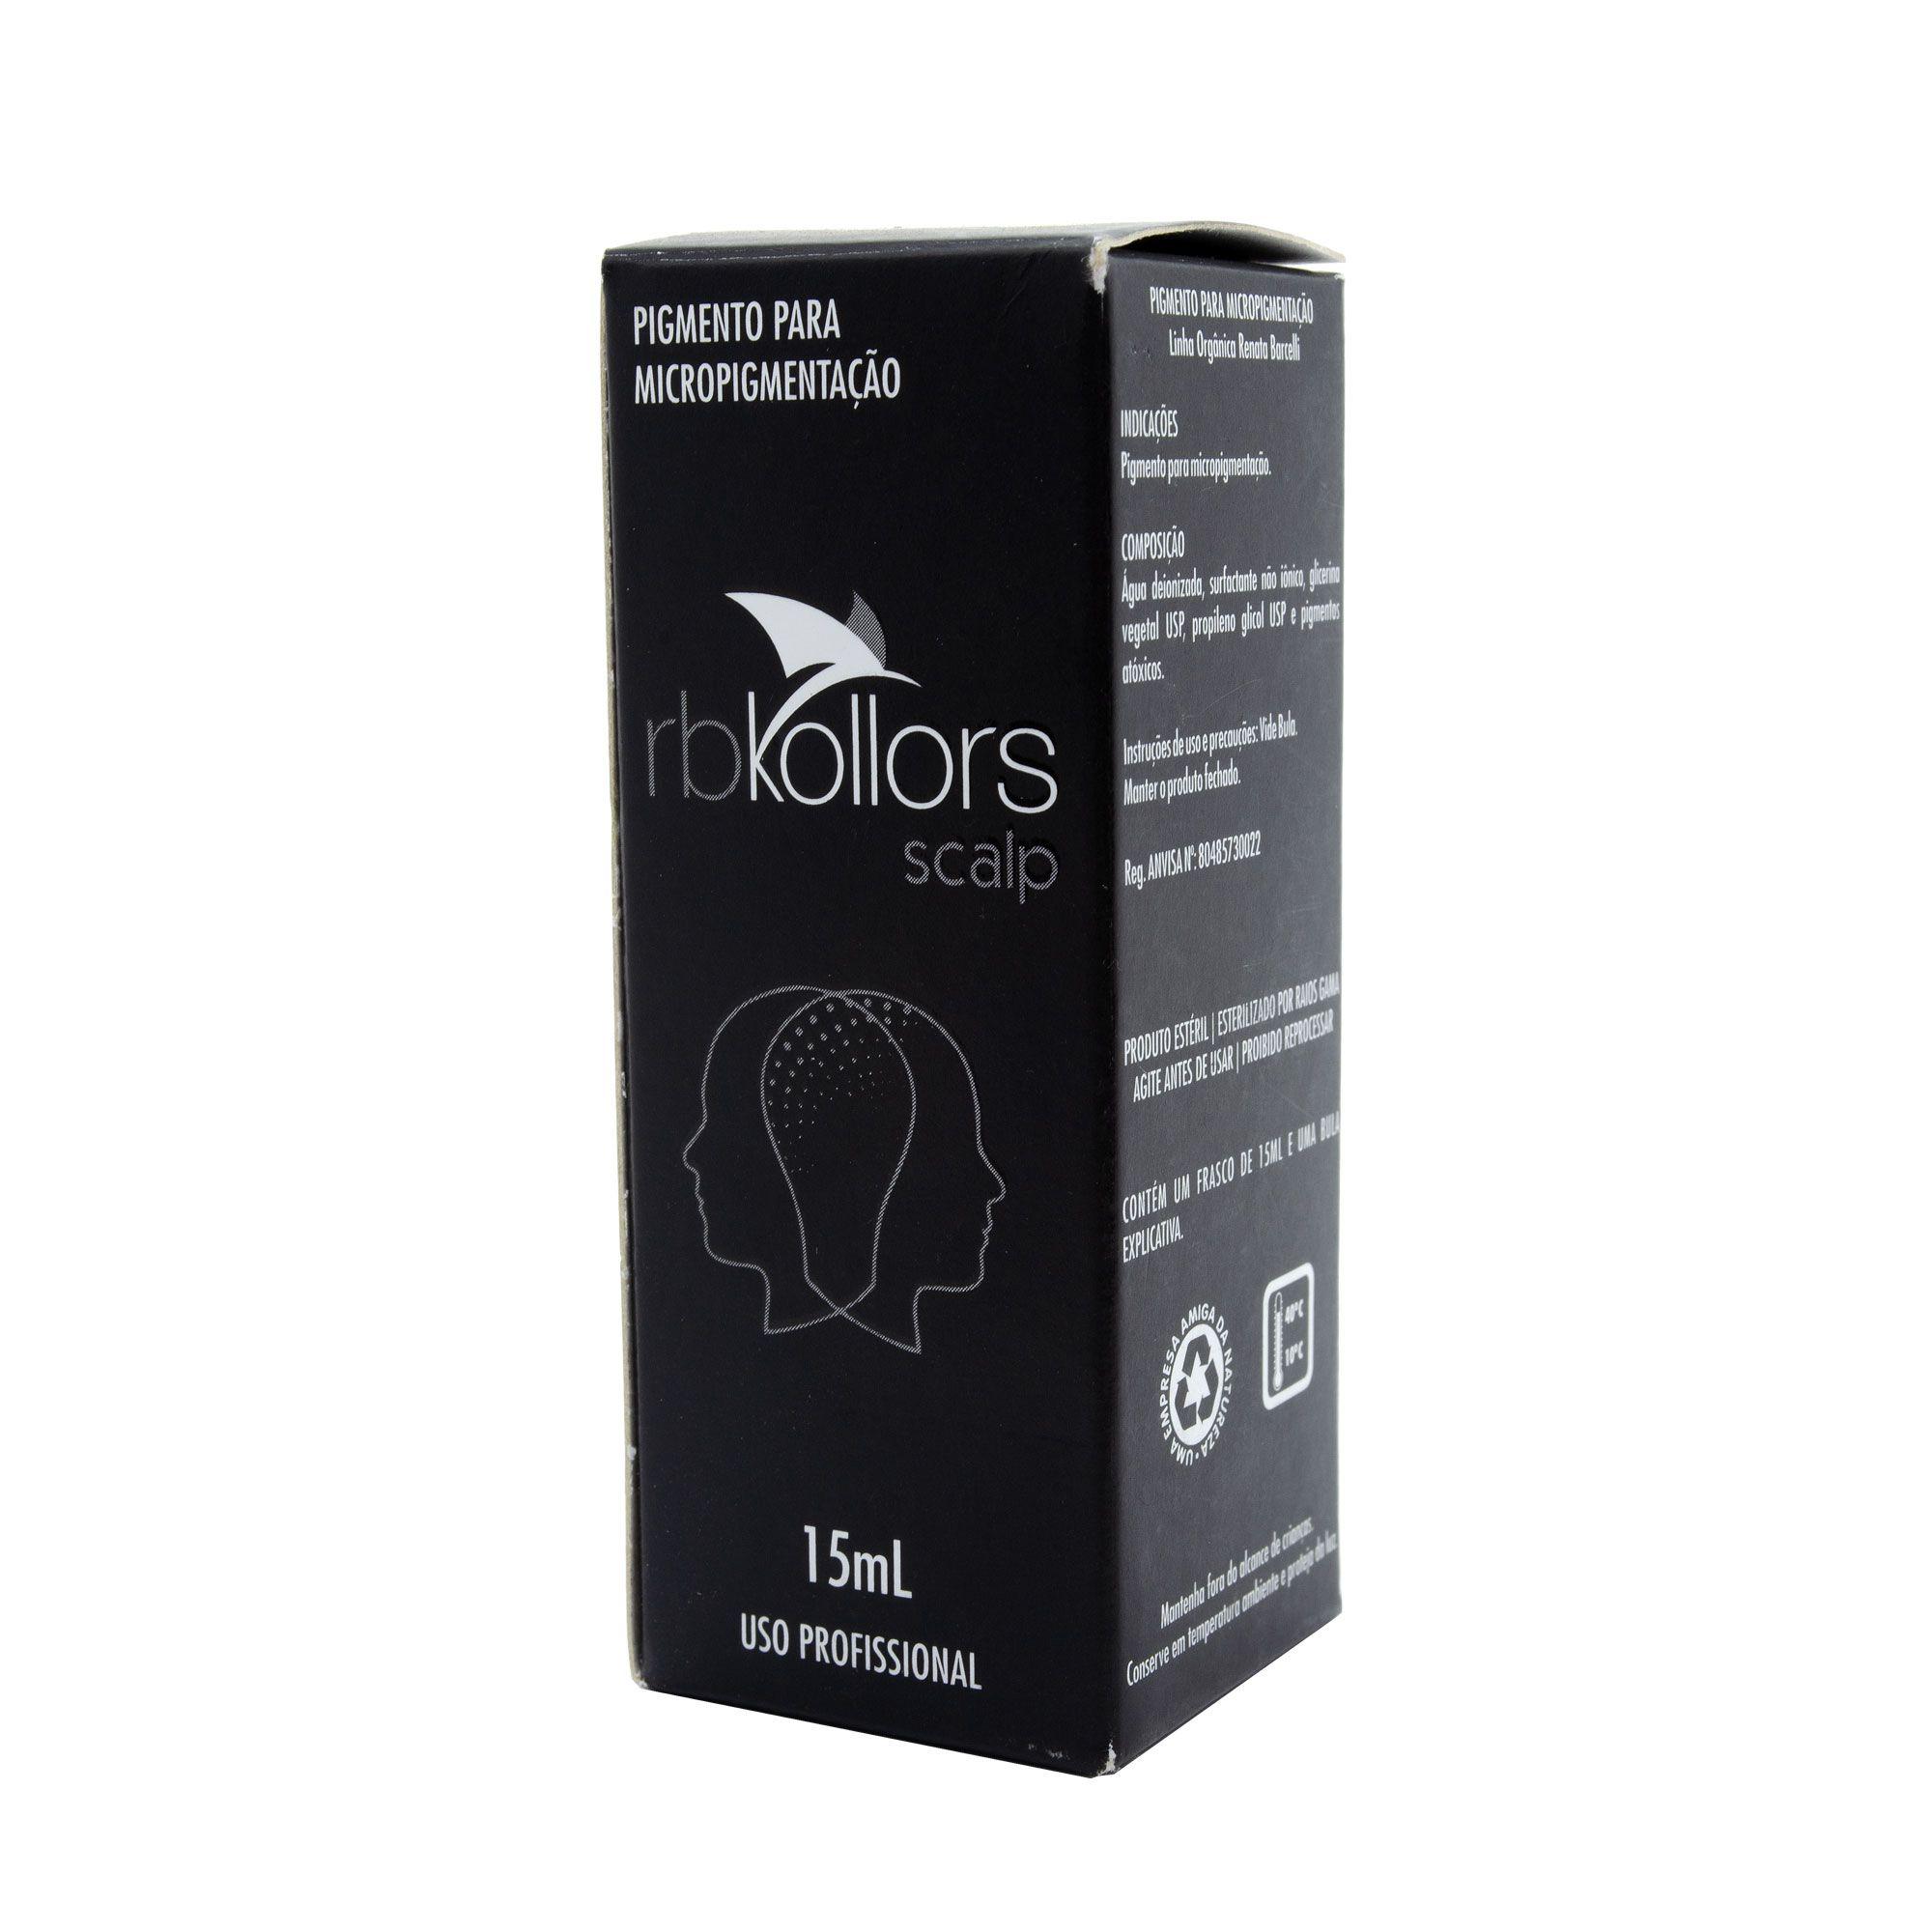 Pigmento Rb Kollors para Micropigmentação 15ml Cores